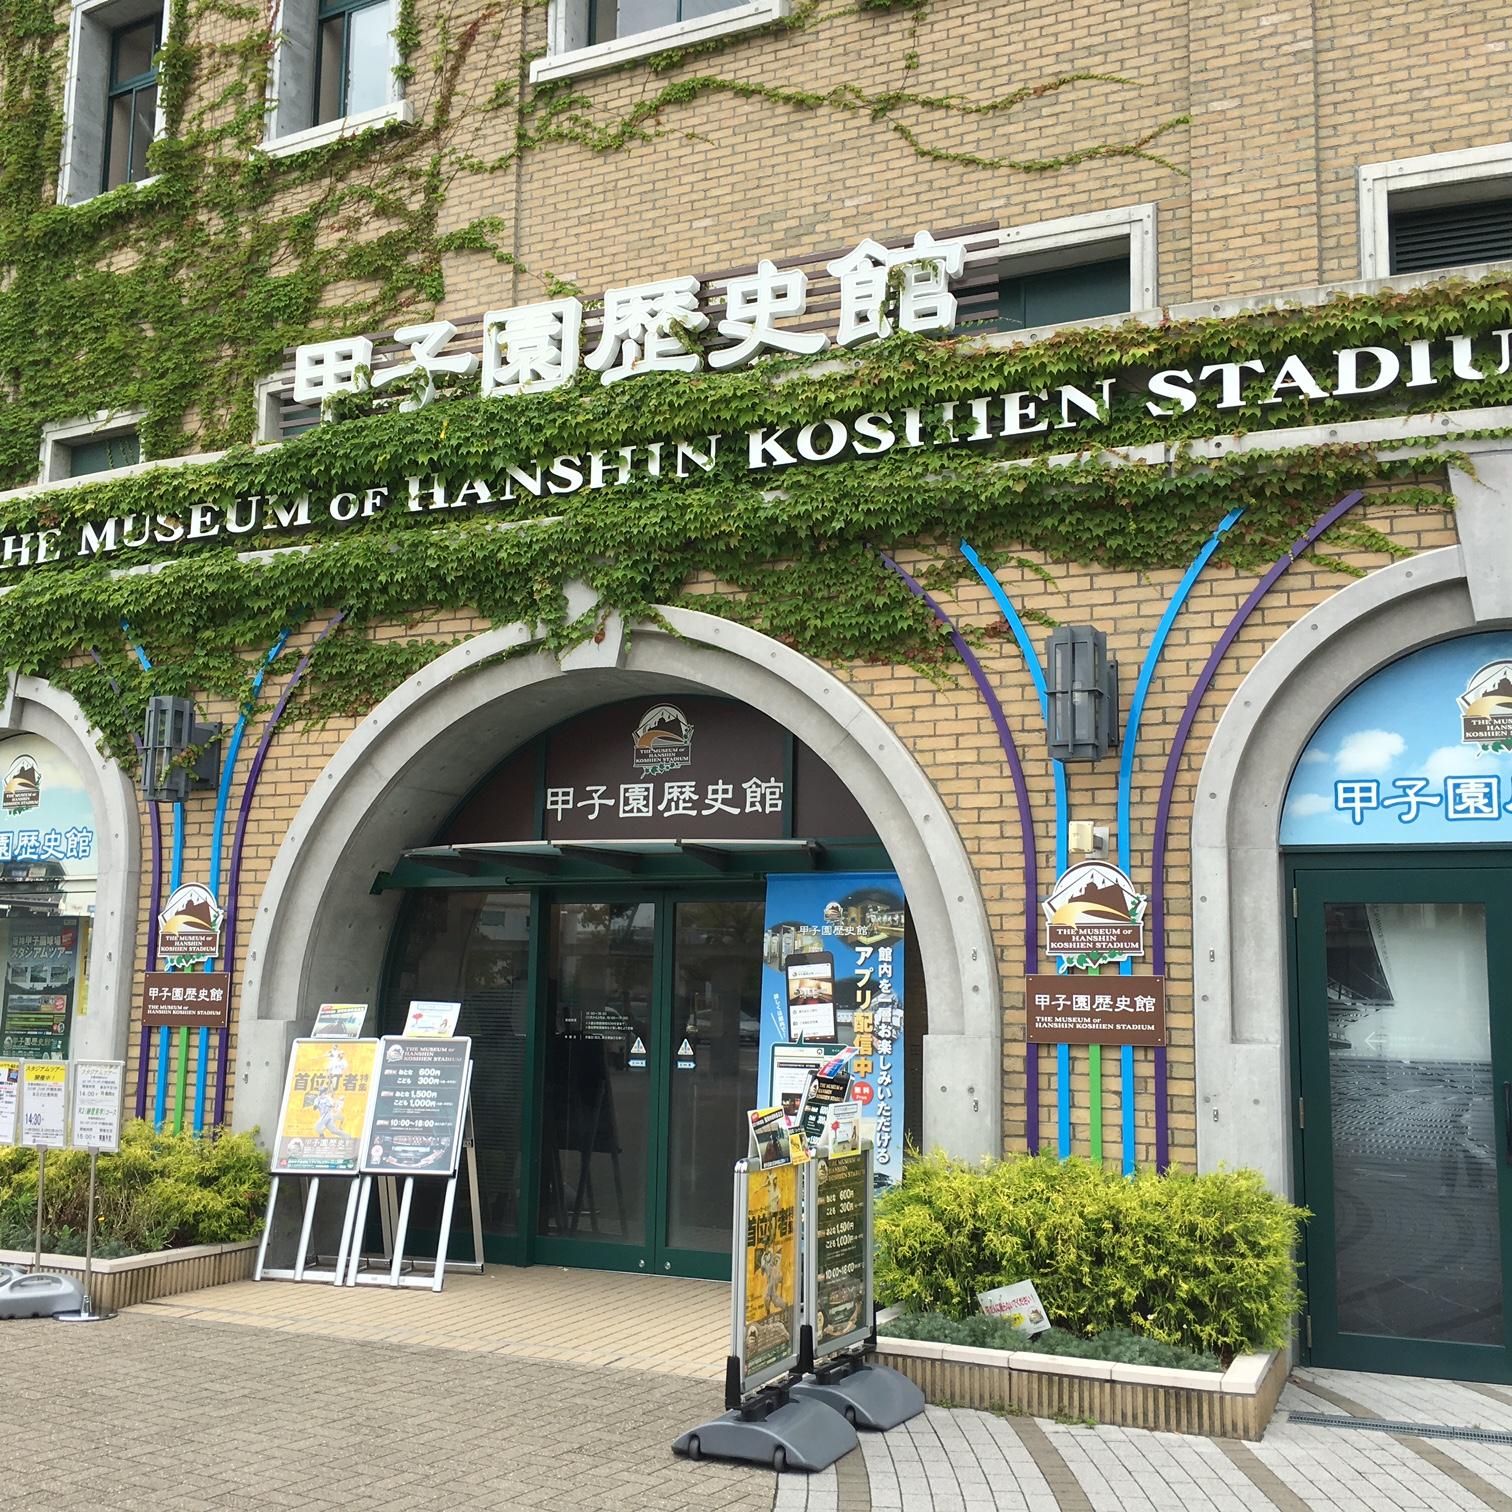 阪神甲子園球場 甲子園歴史館 (西宮市)